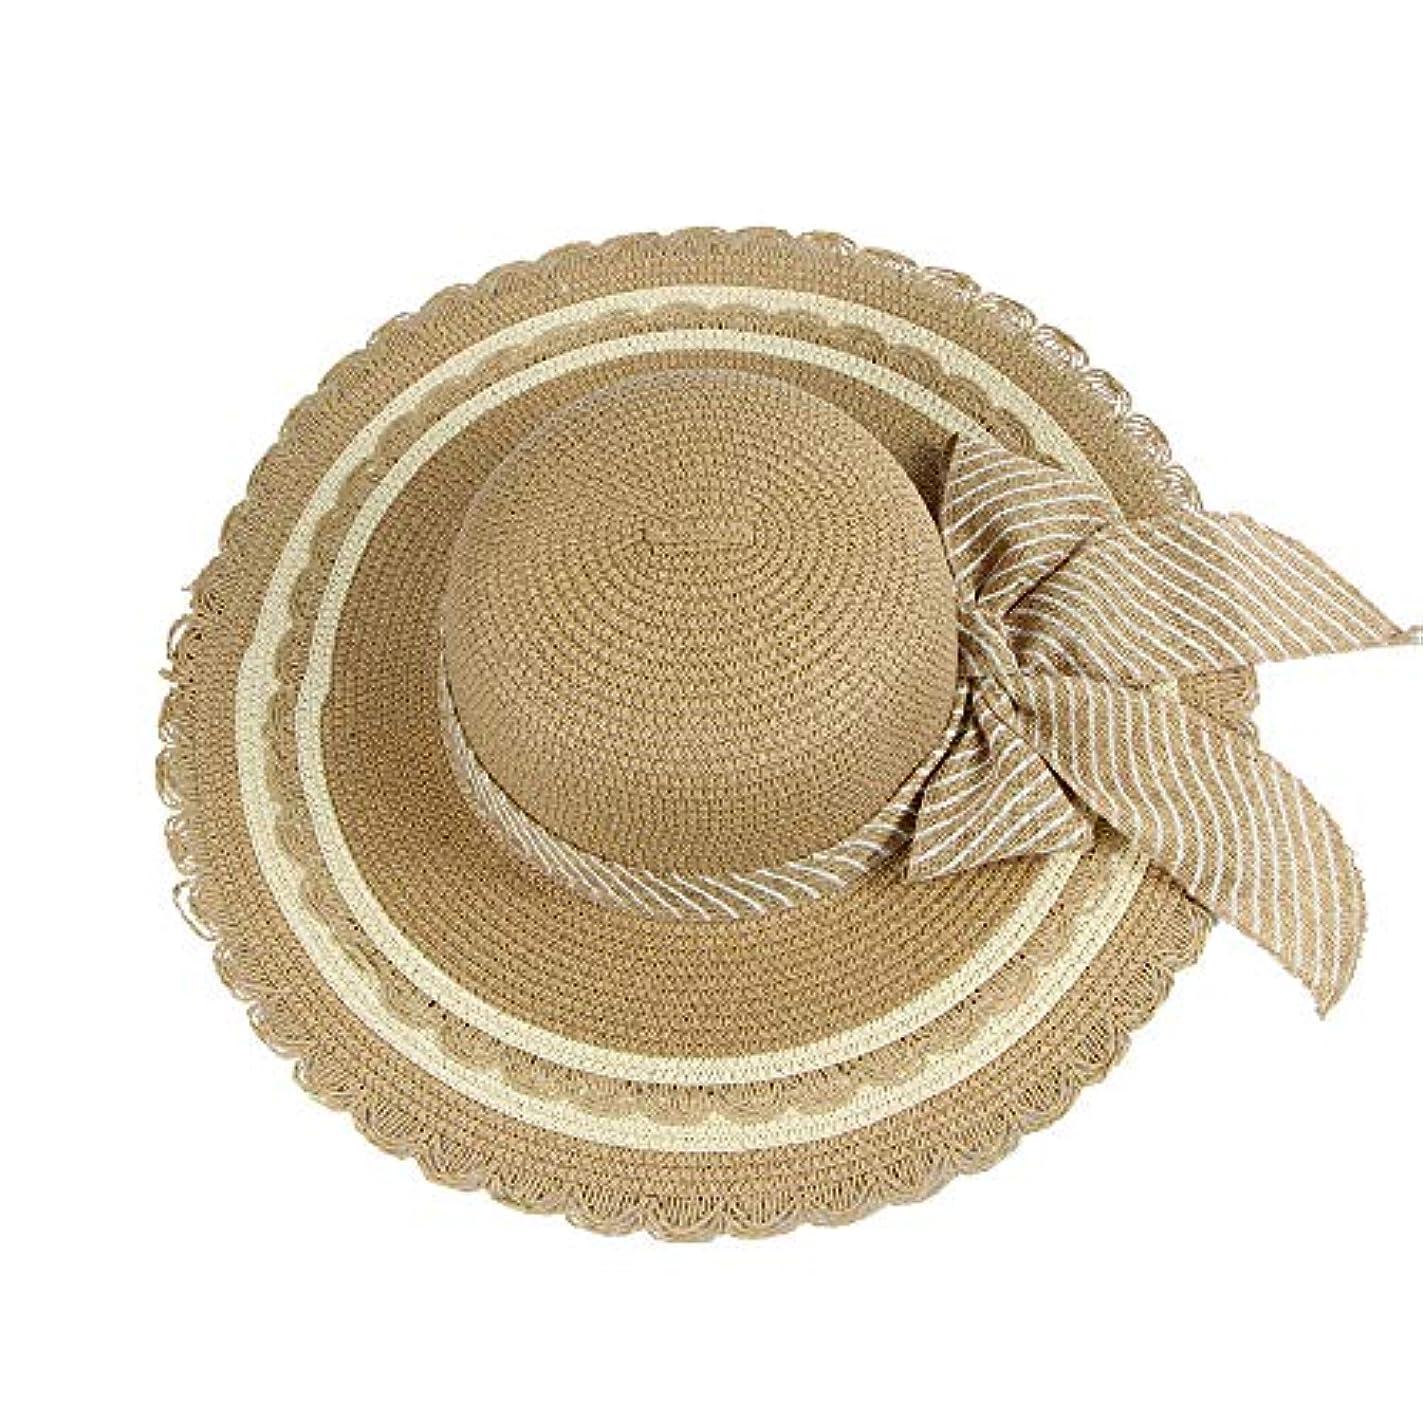 レギュラー引き受ける価値のない帽子 レディース UVカット 帽子 麦わら帽子 UV帽子 紫外線対策 折りたたみ つば広 ワイヤ入り uvカット帽子 春夏 レディース 通気性 ニット帽 マニュアル キャップ レディース 大きいサイズ ROSE ROMAN